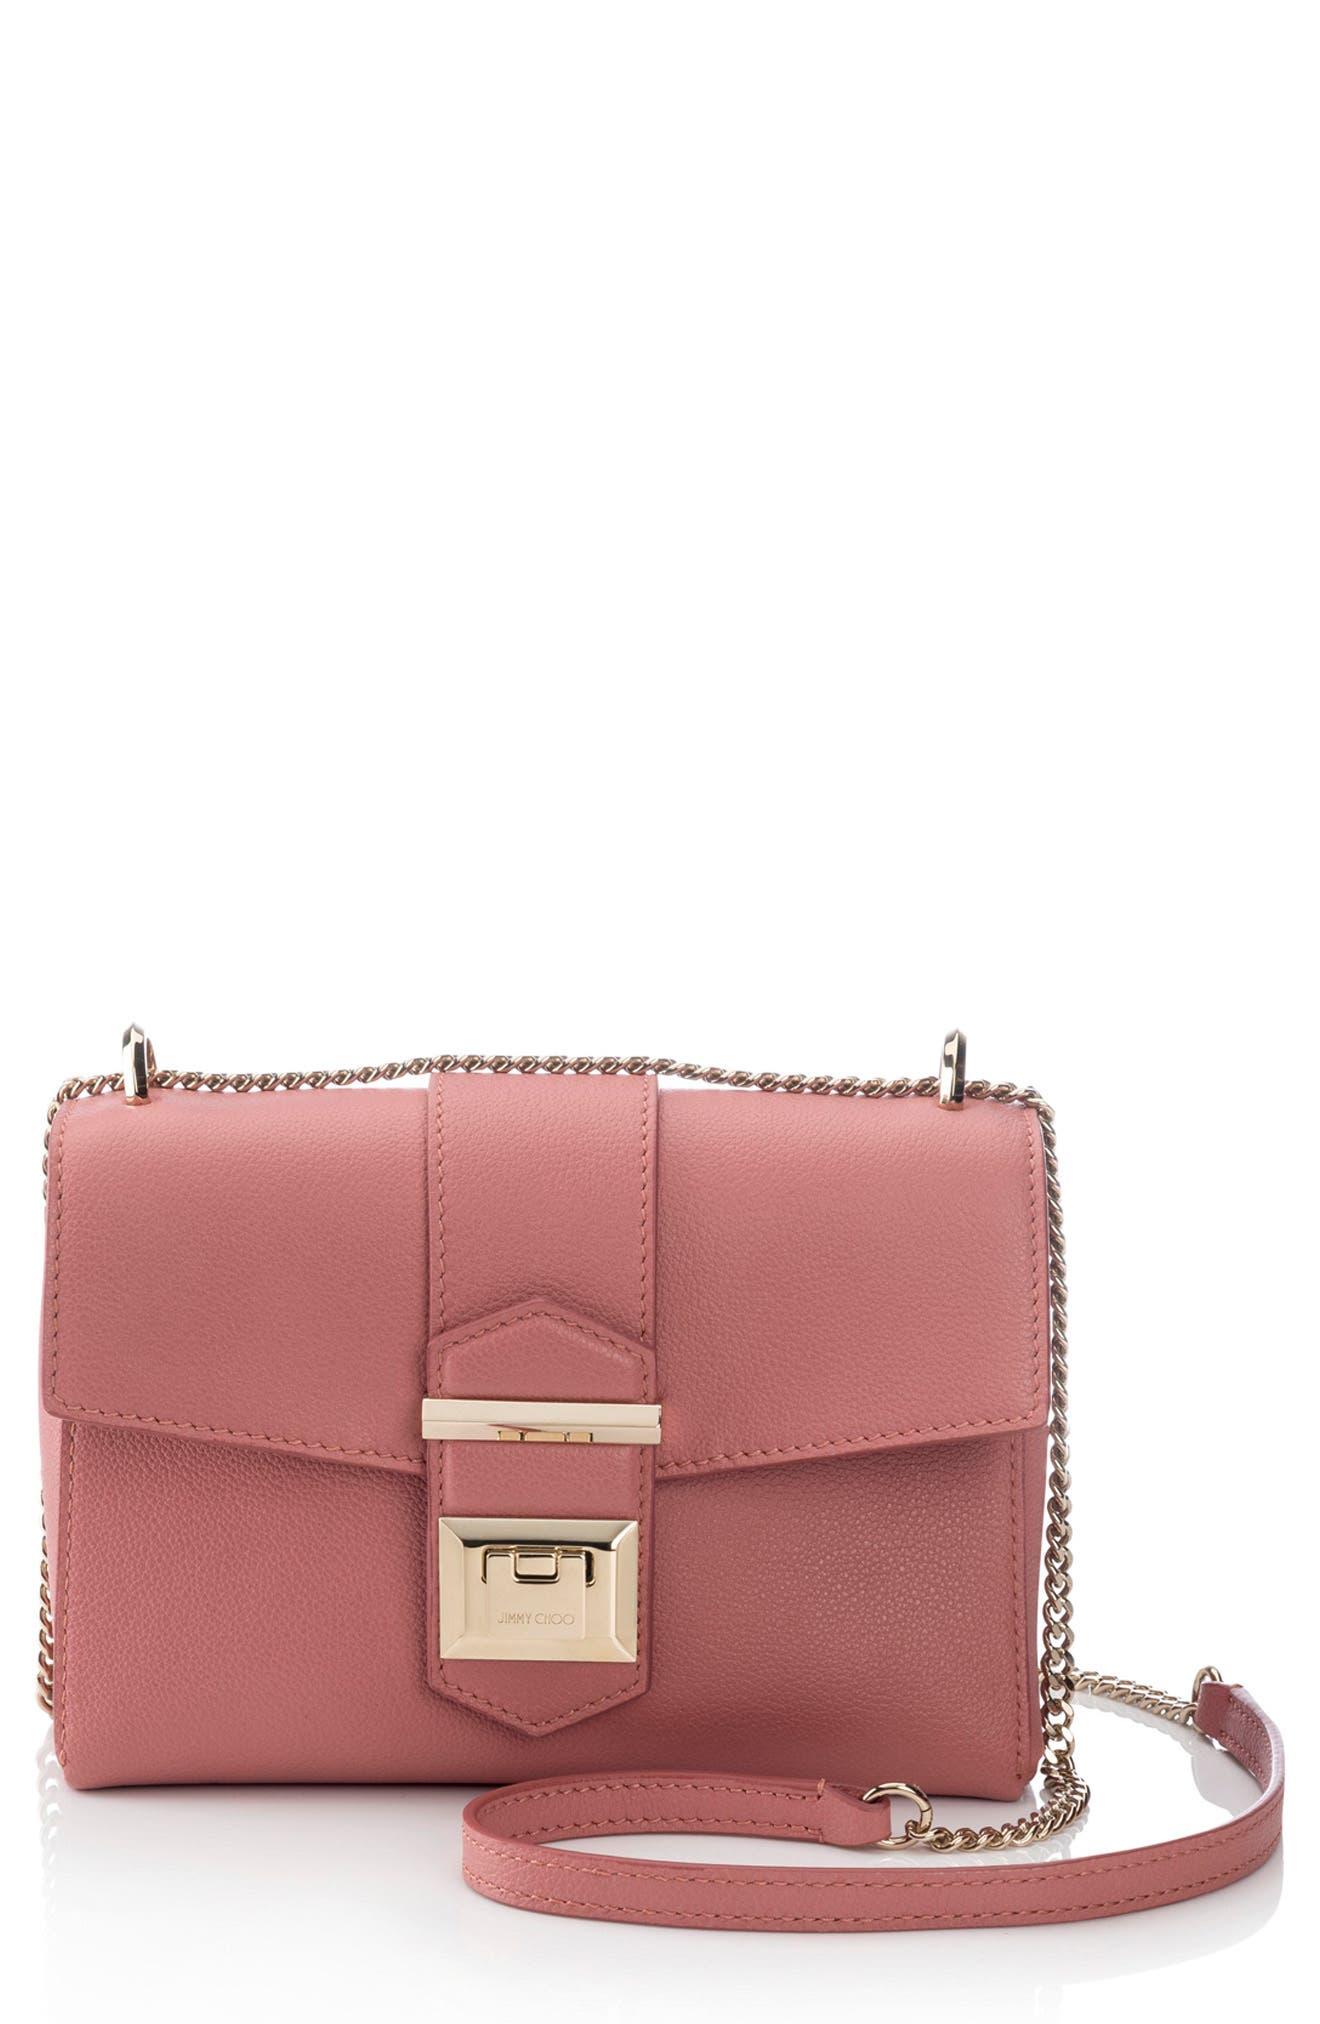 jimmy choo women s handbags purses nordstrom rh shop nordstrom com